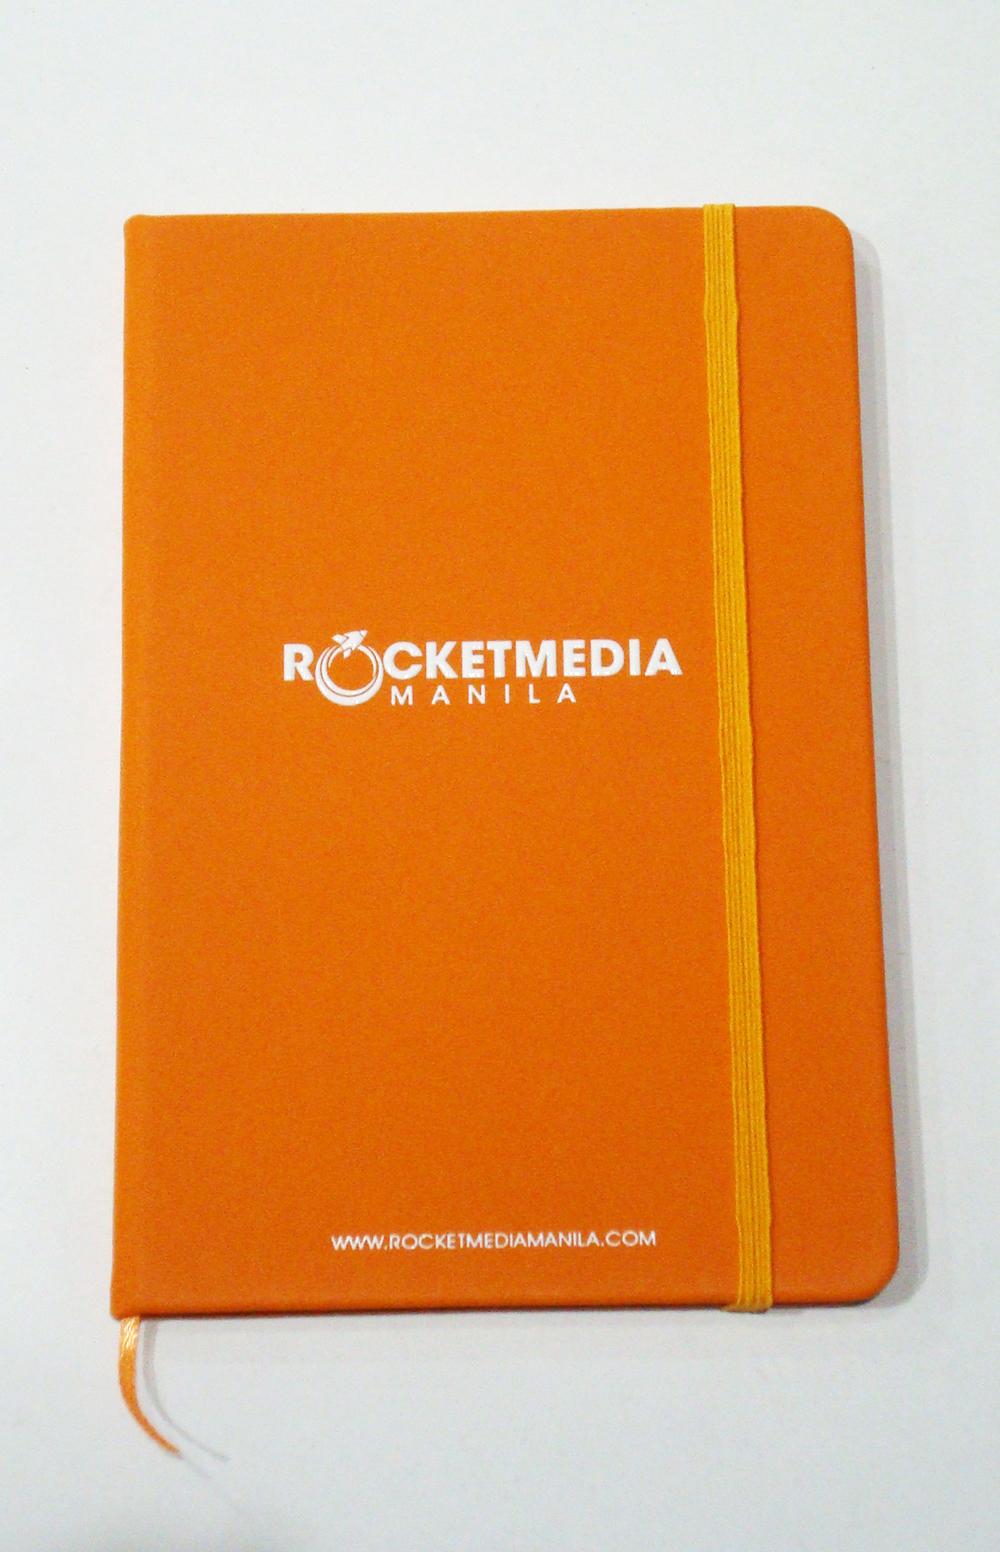 rocket media b.jpg